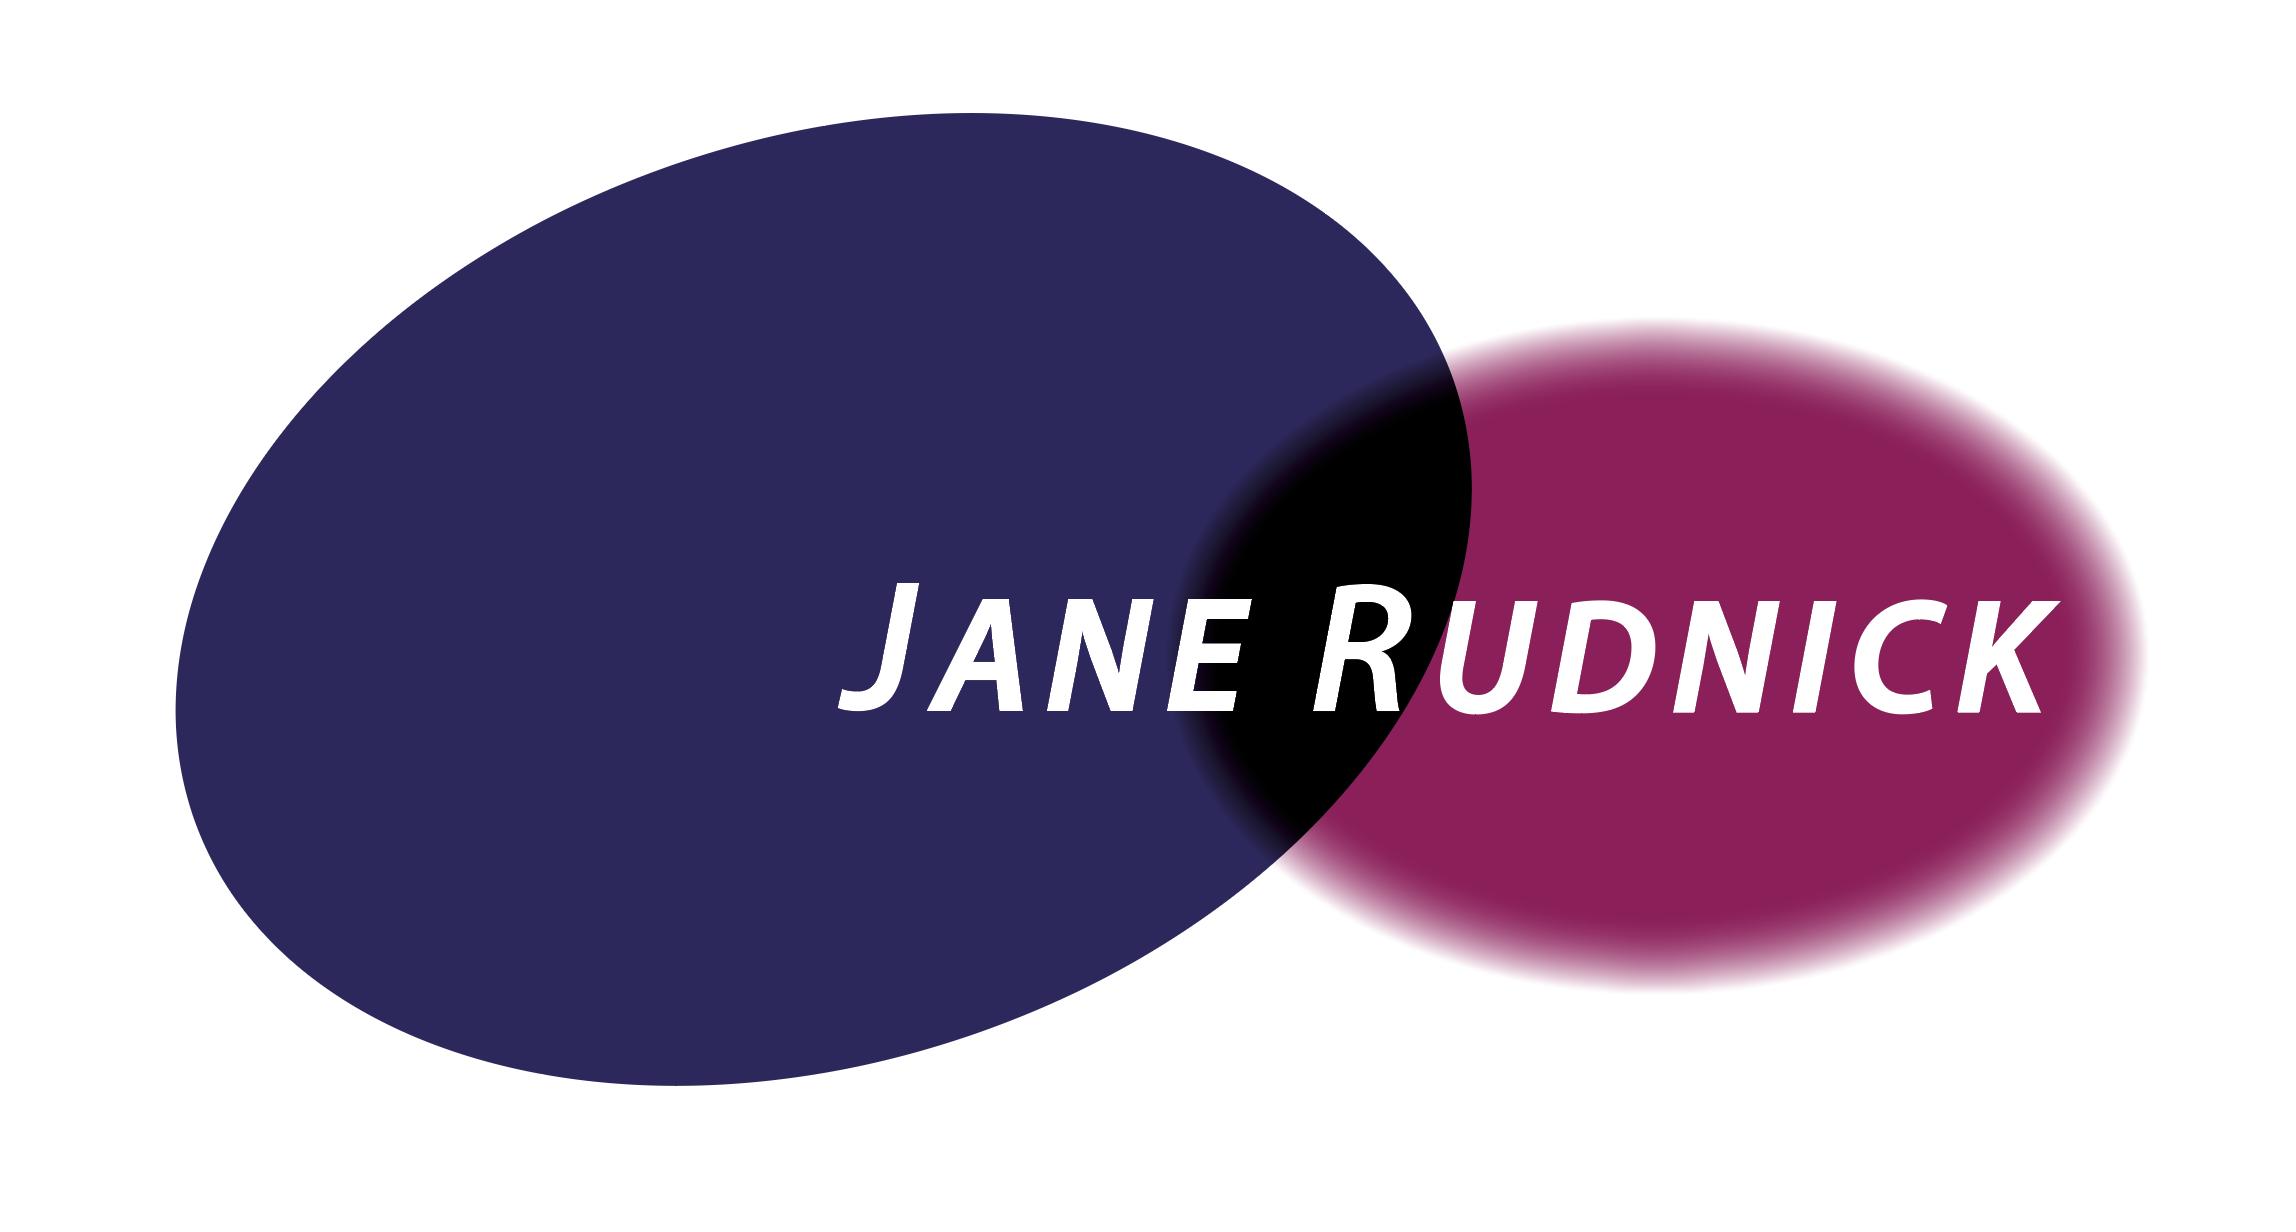 Jane Rudnick